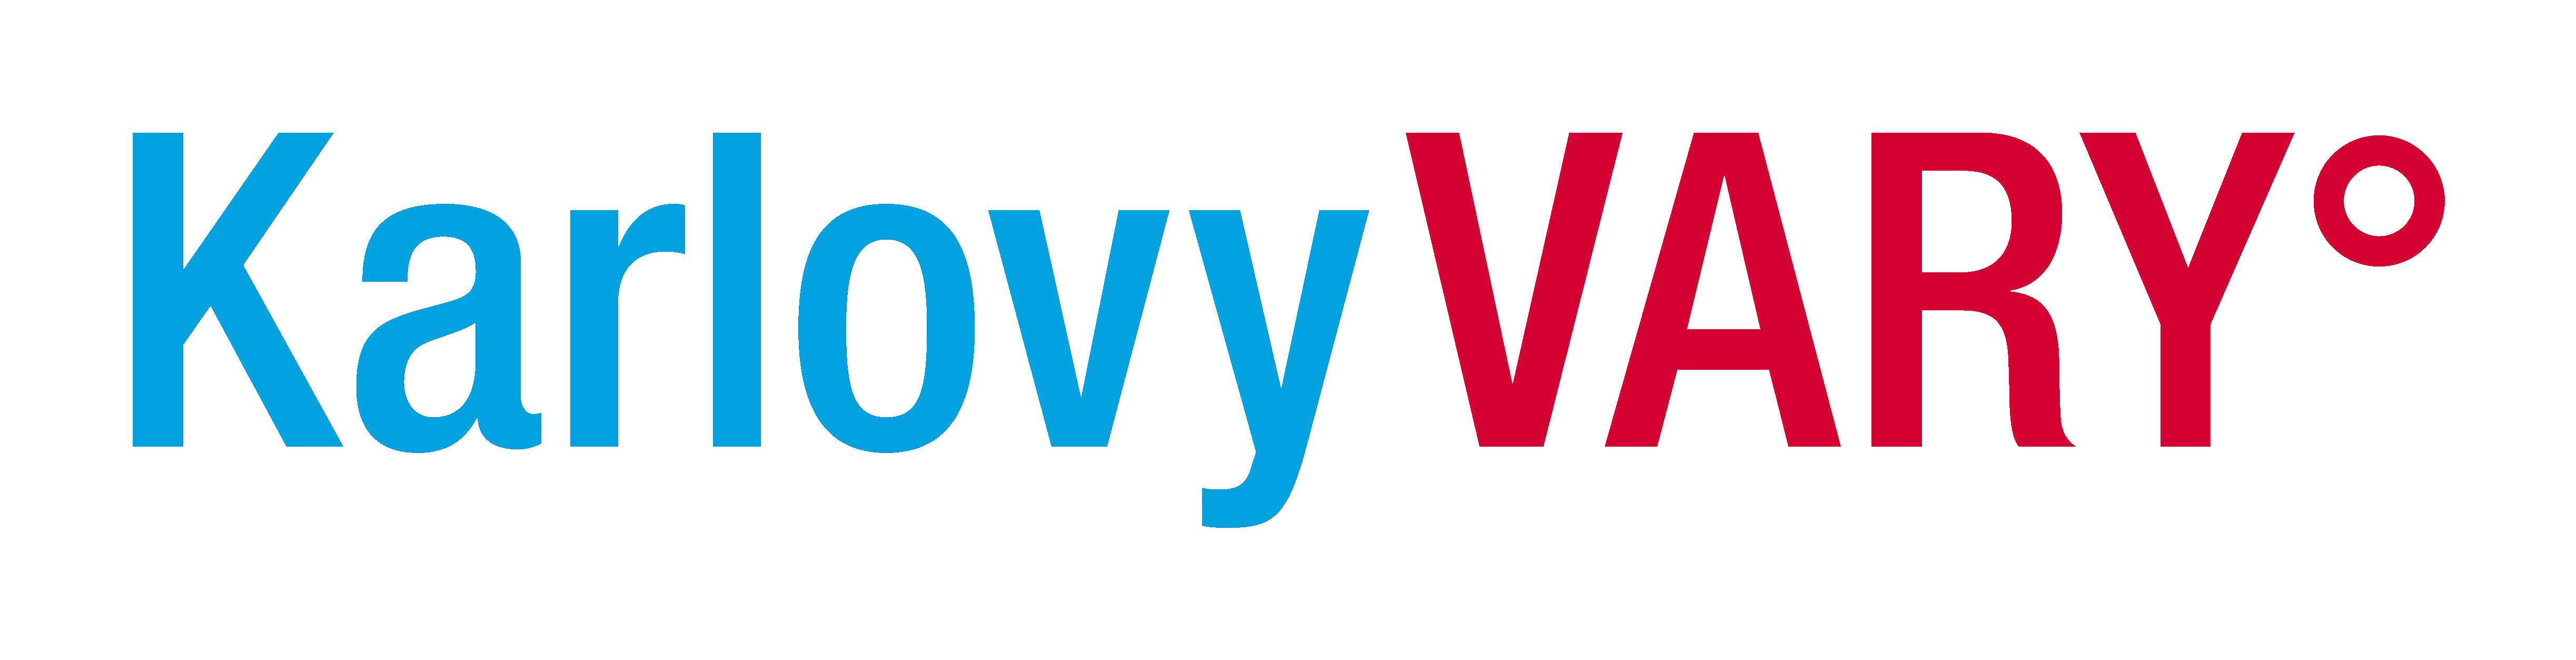 Plán mobility města Karlovy Vary